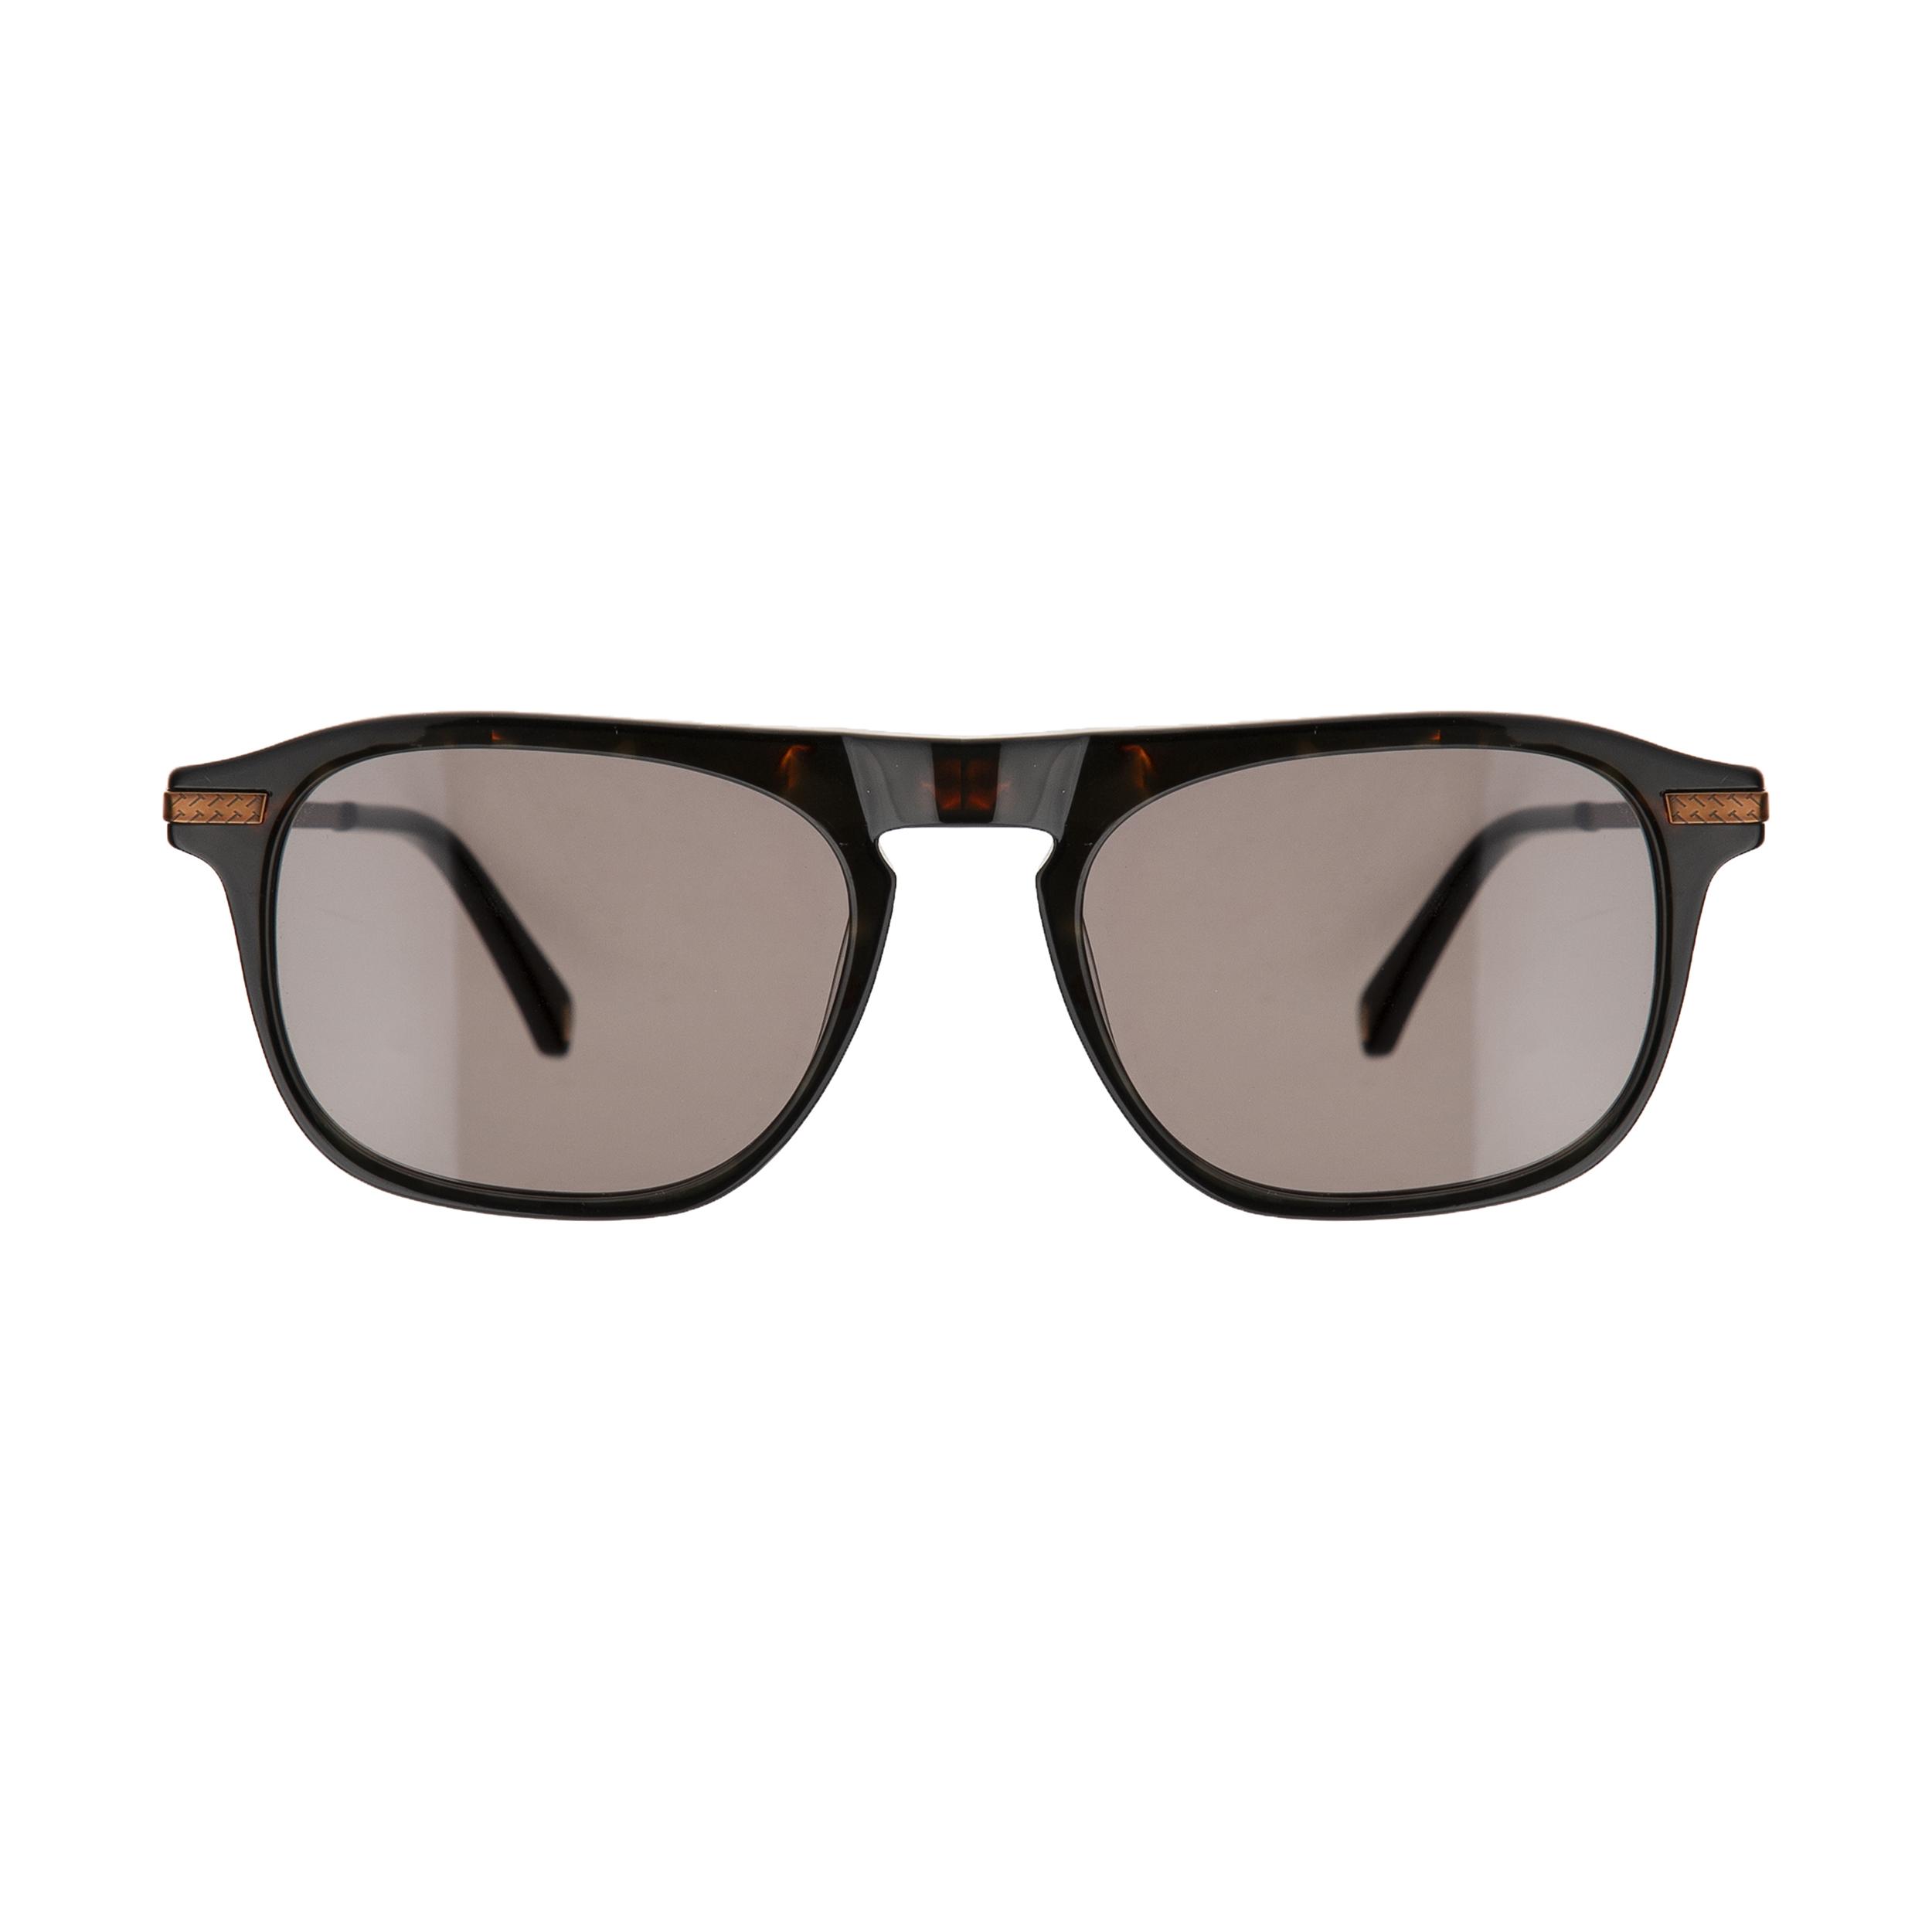 عینک آفتابی مردانه تد بیکر مدل TB 1542 OO1